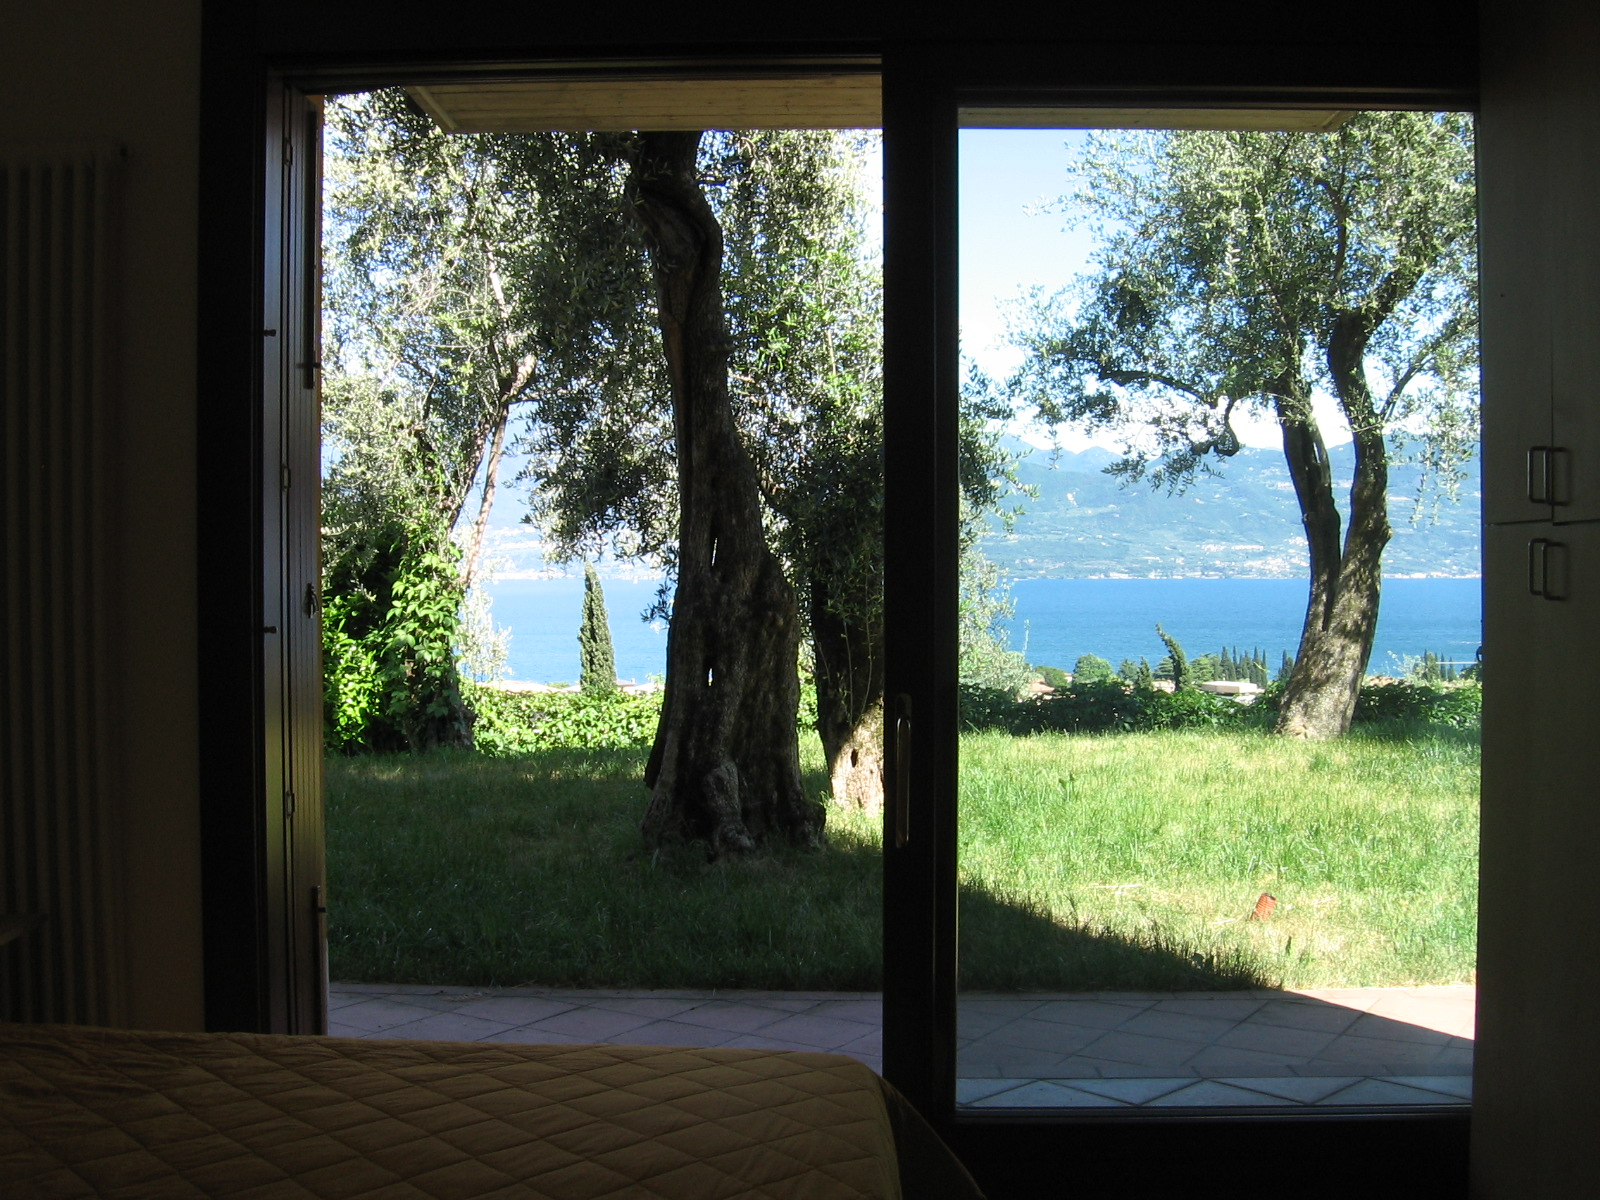 A casa di letizia la camera con vista sul lago for Casa sul lago a 2 piani